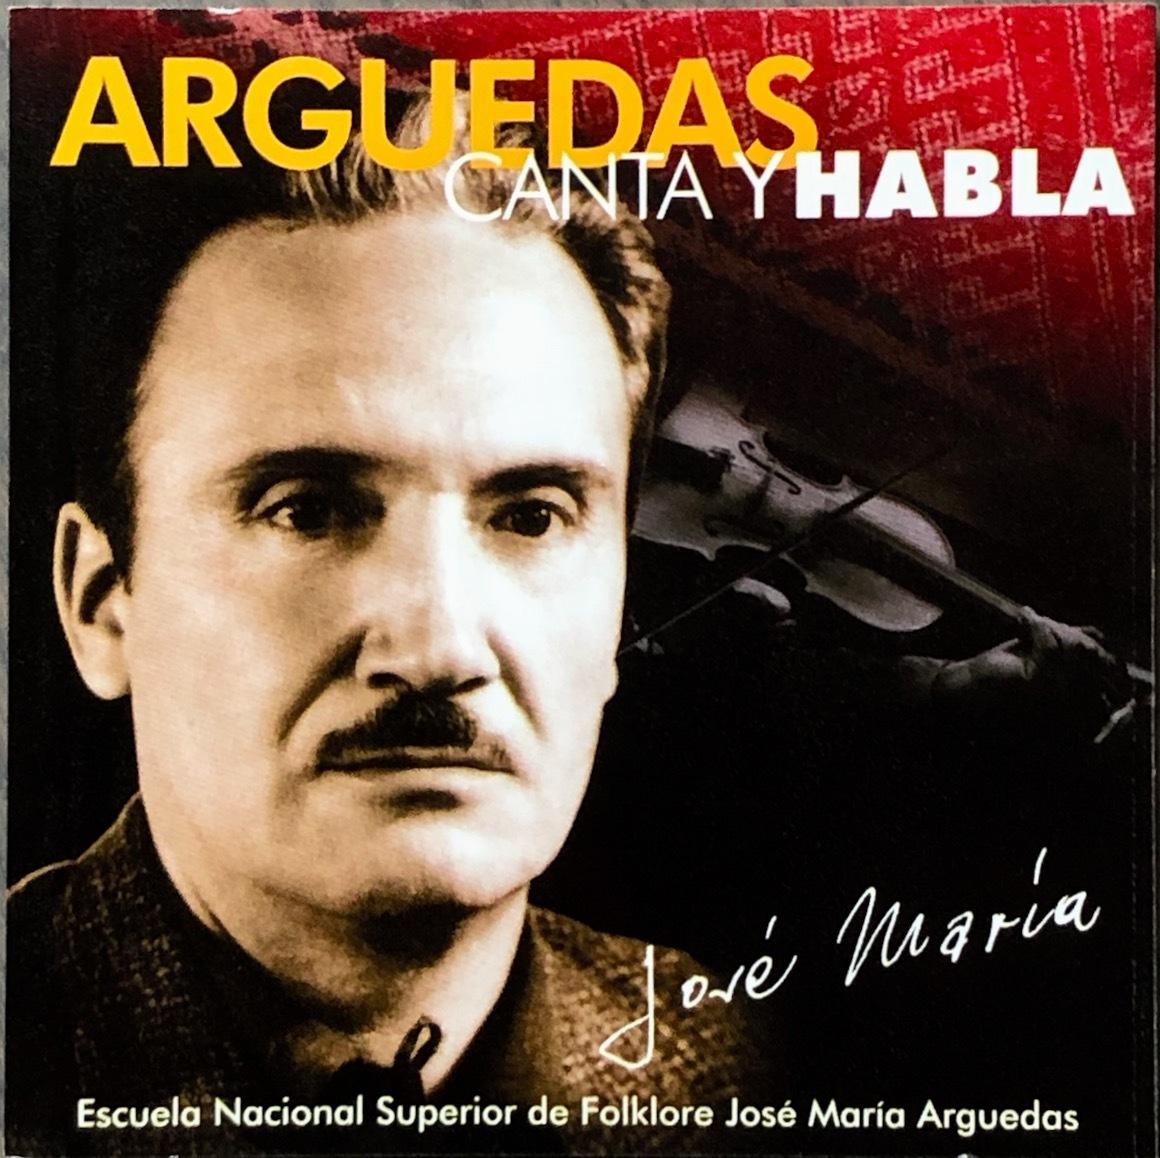 (Z2H)☆レア盤/ホセ・マリア・アルゲダス/Jose Maria Arguedas Canta Y Habla/民族音楽/フォルクローレ☆_画像1